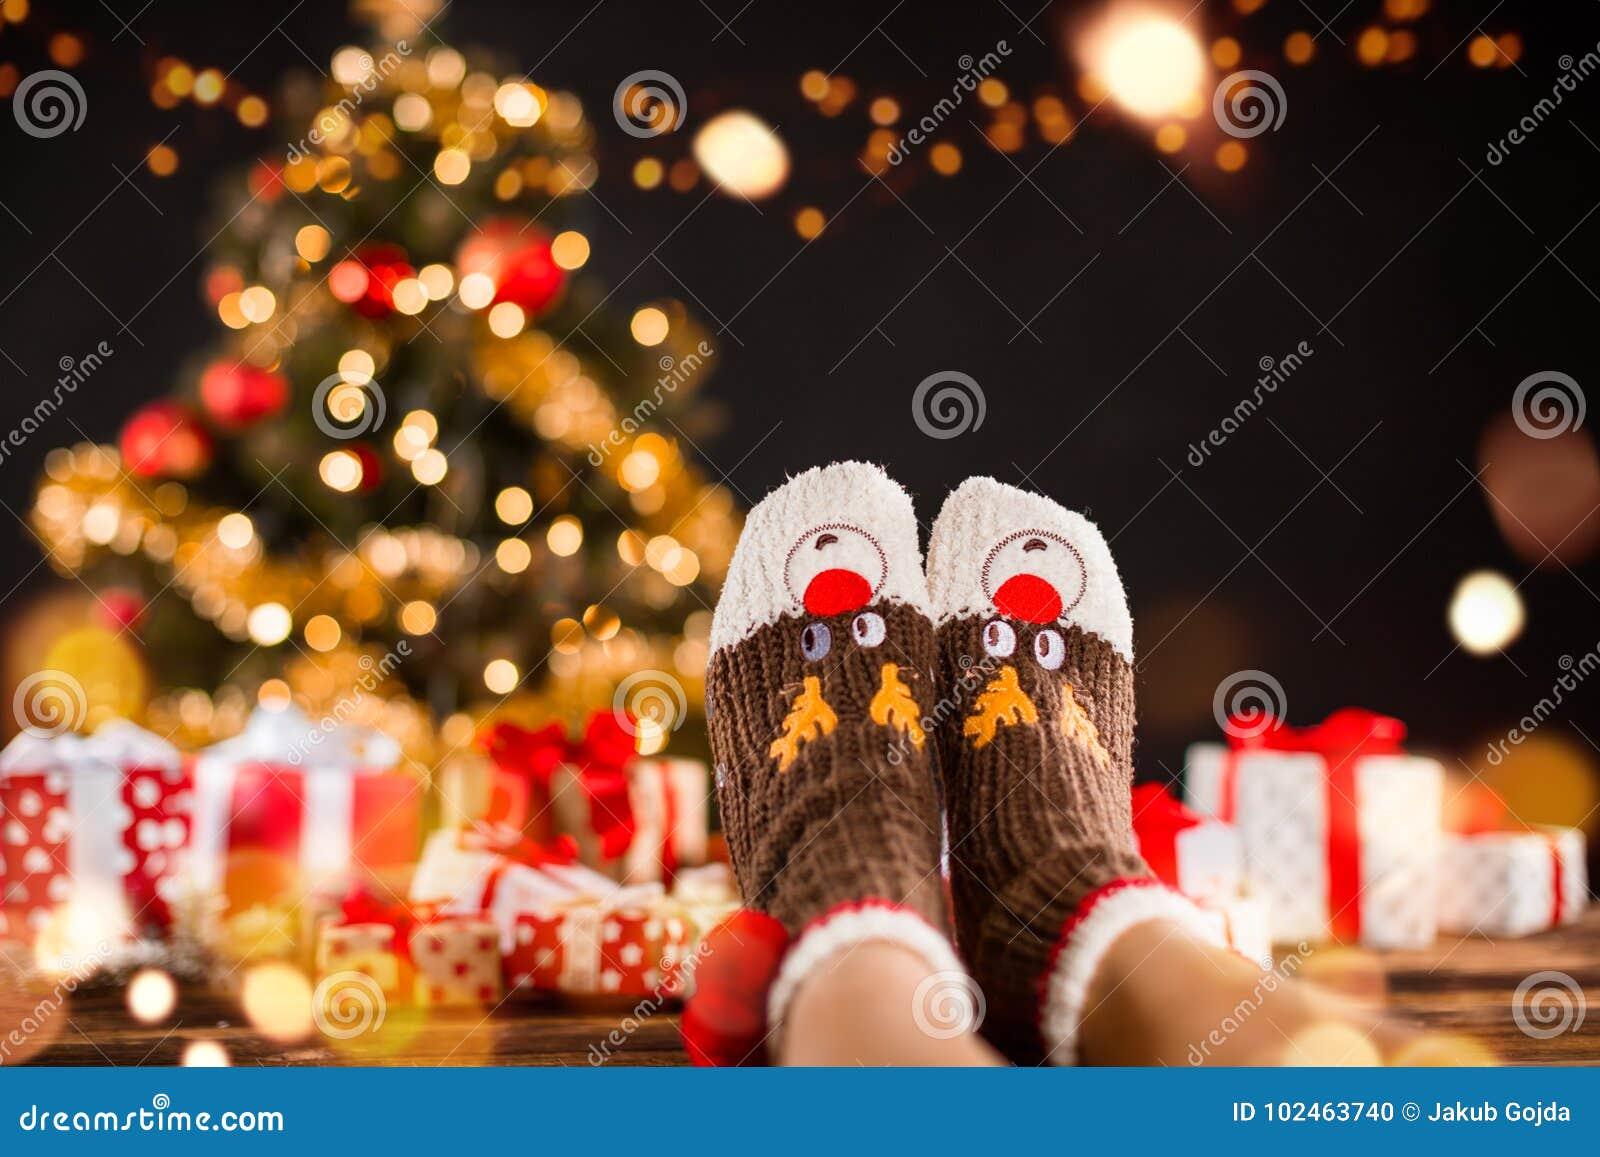 Detail van vrouwenbenen met gebreide sokken, Kerstboom met GIF